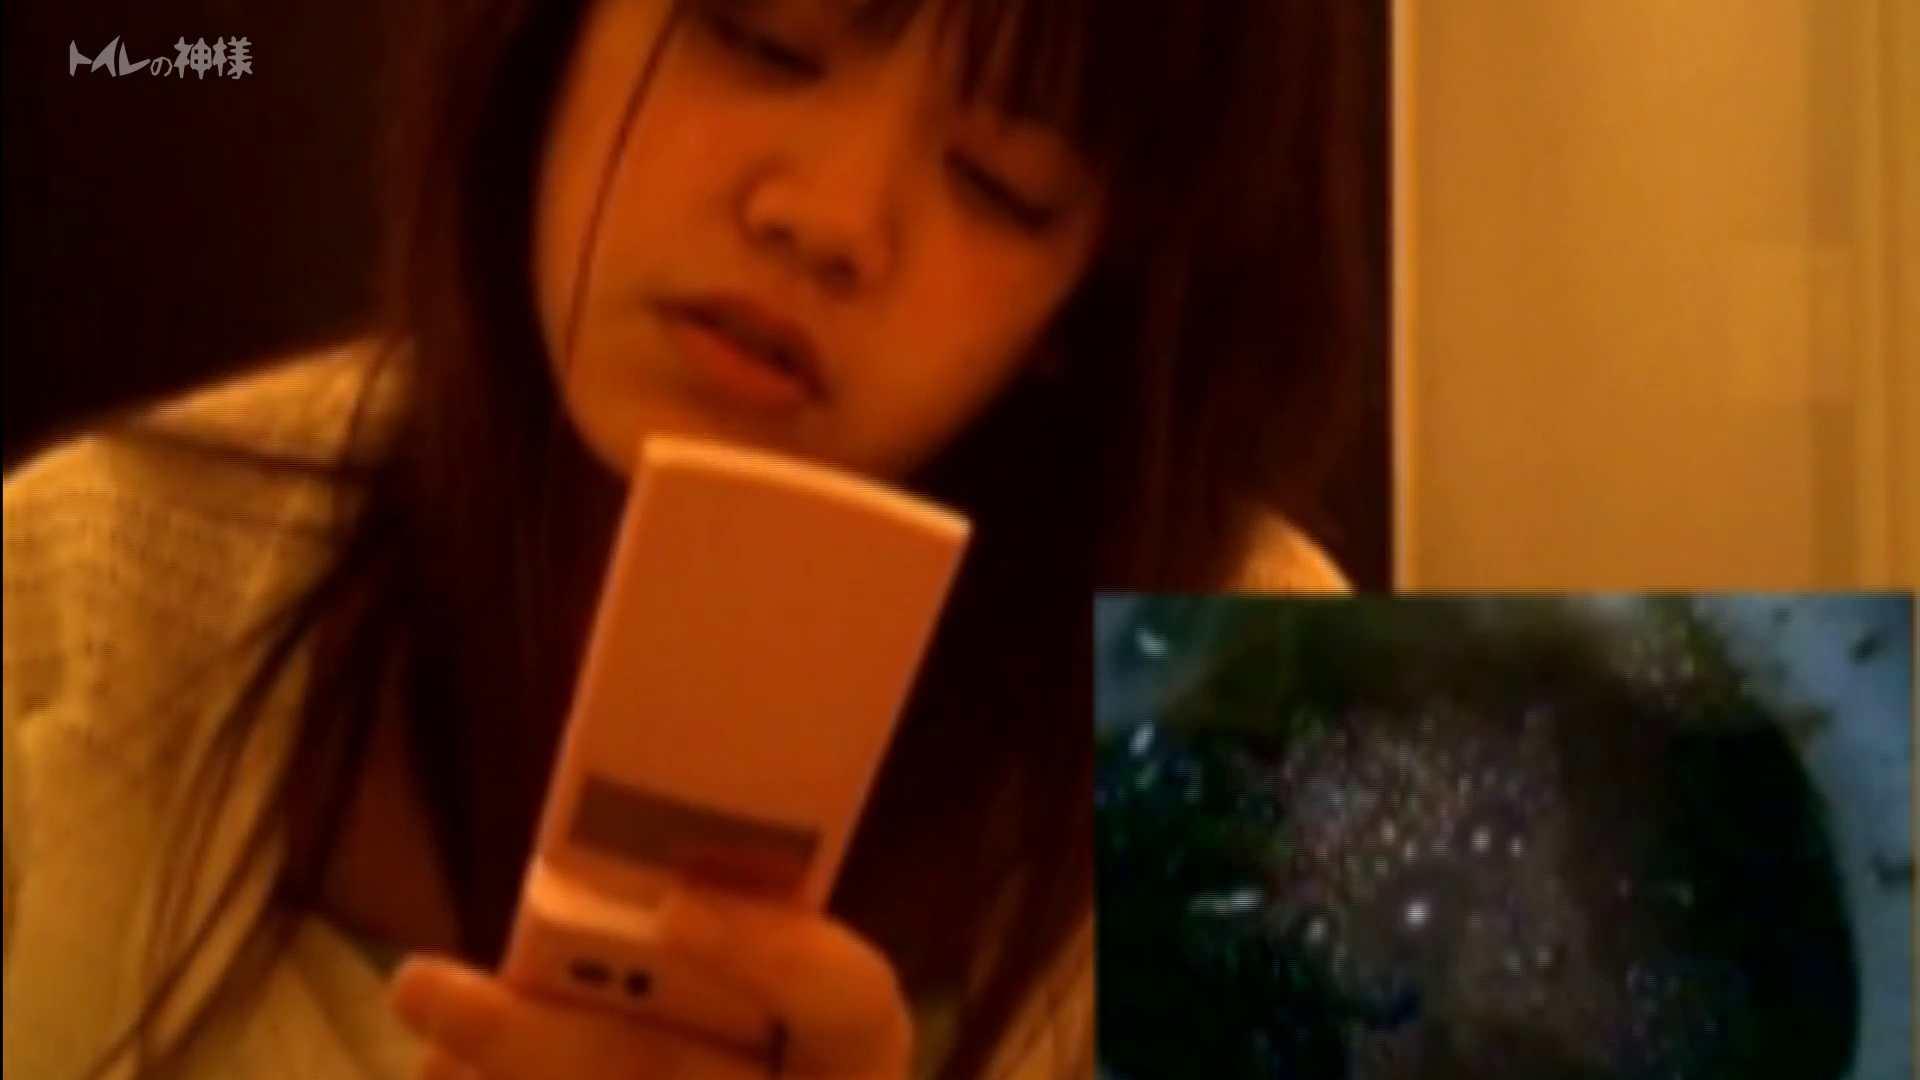 トイレの神様 Vol.03 彼女のうんち隠し撮り 盛合せ アダルト動画キャプチャ 111枚 58